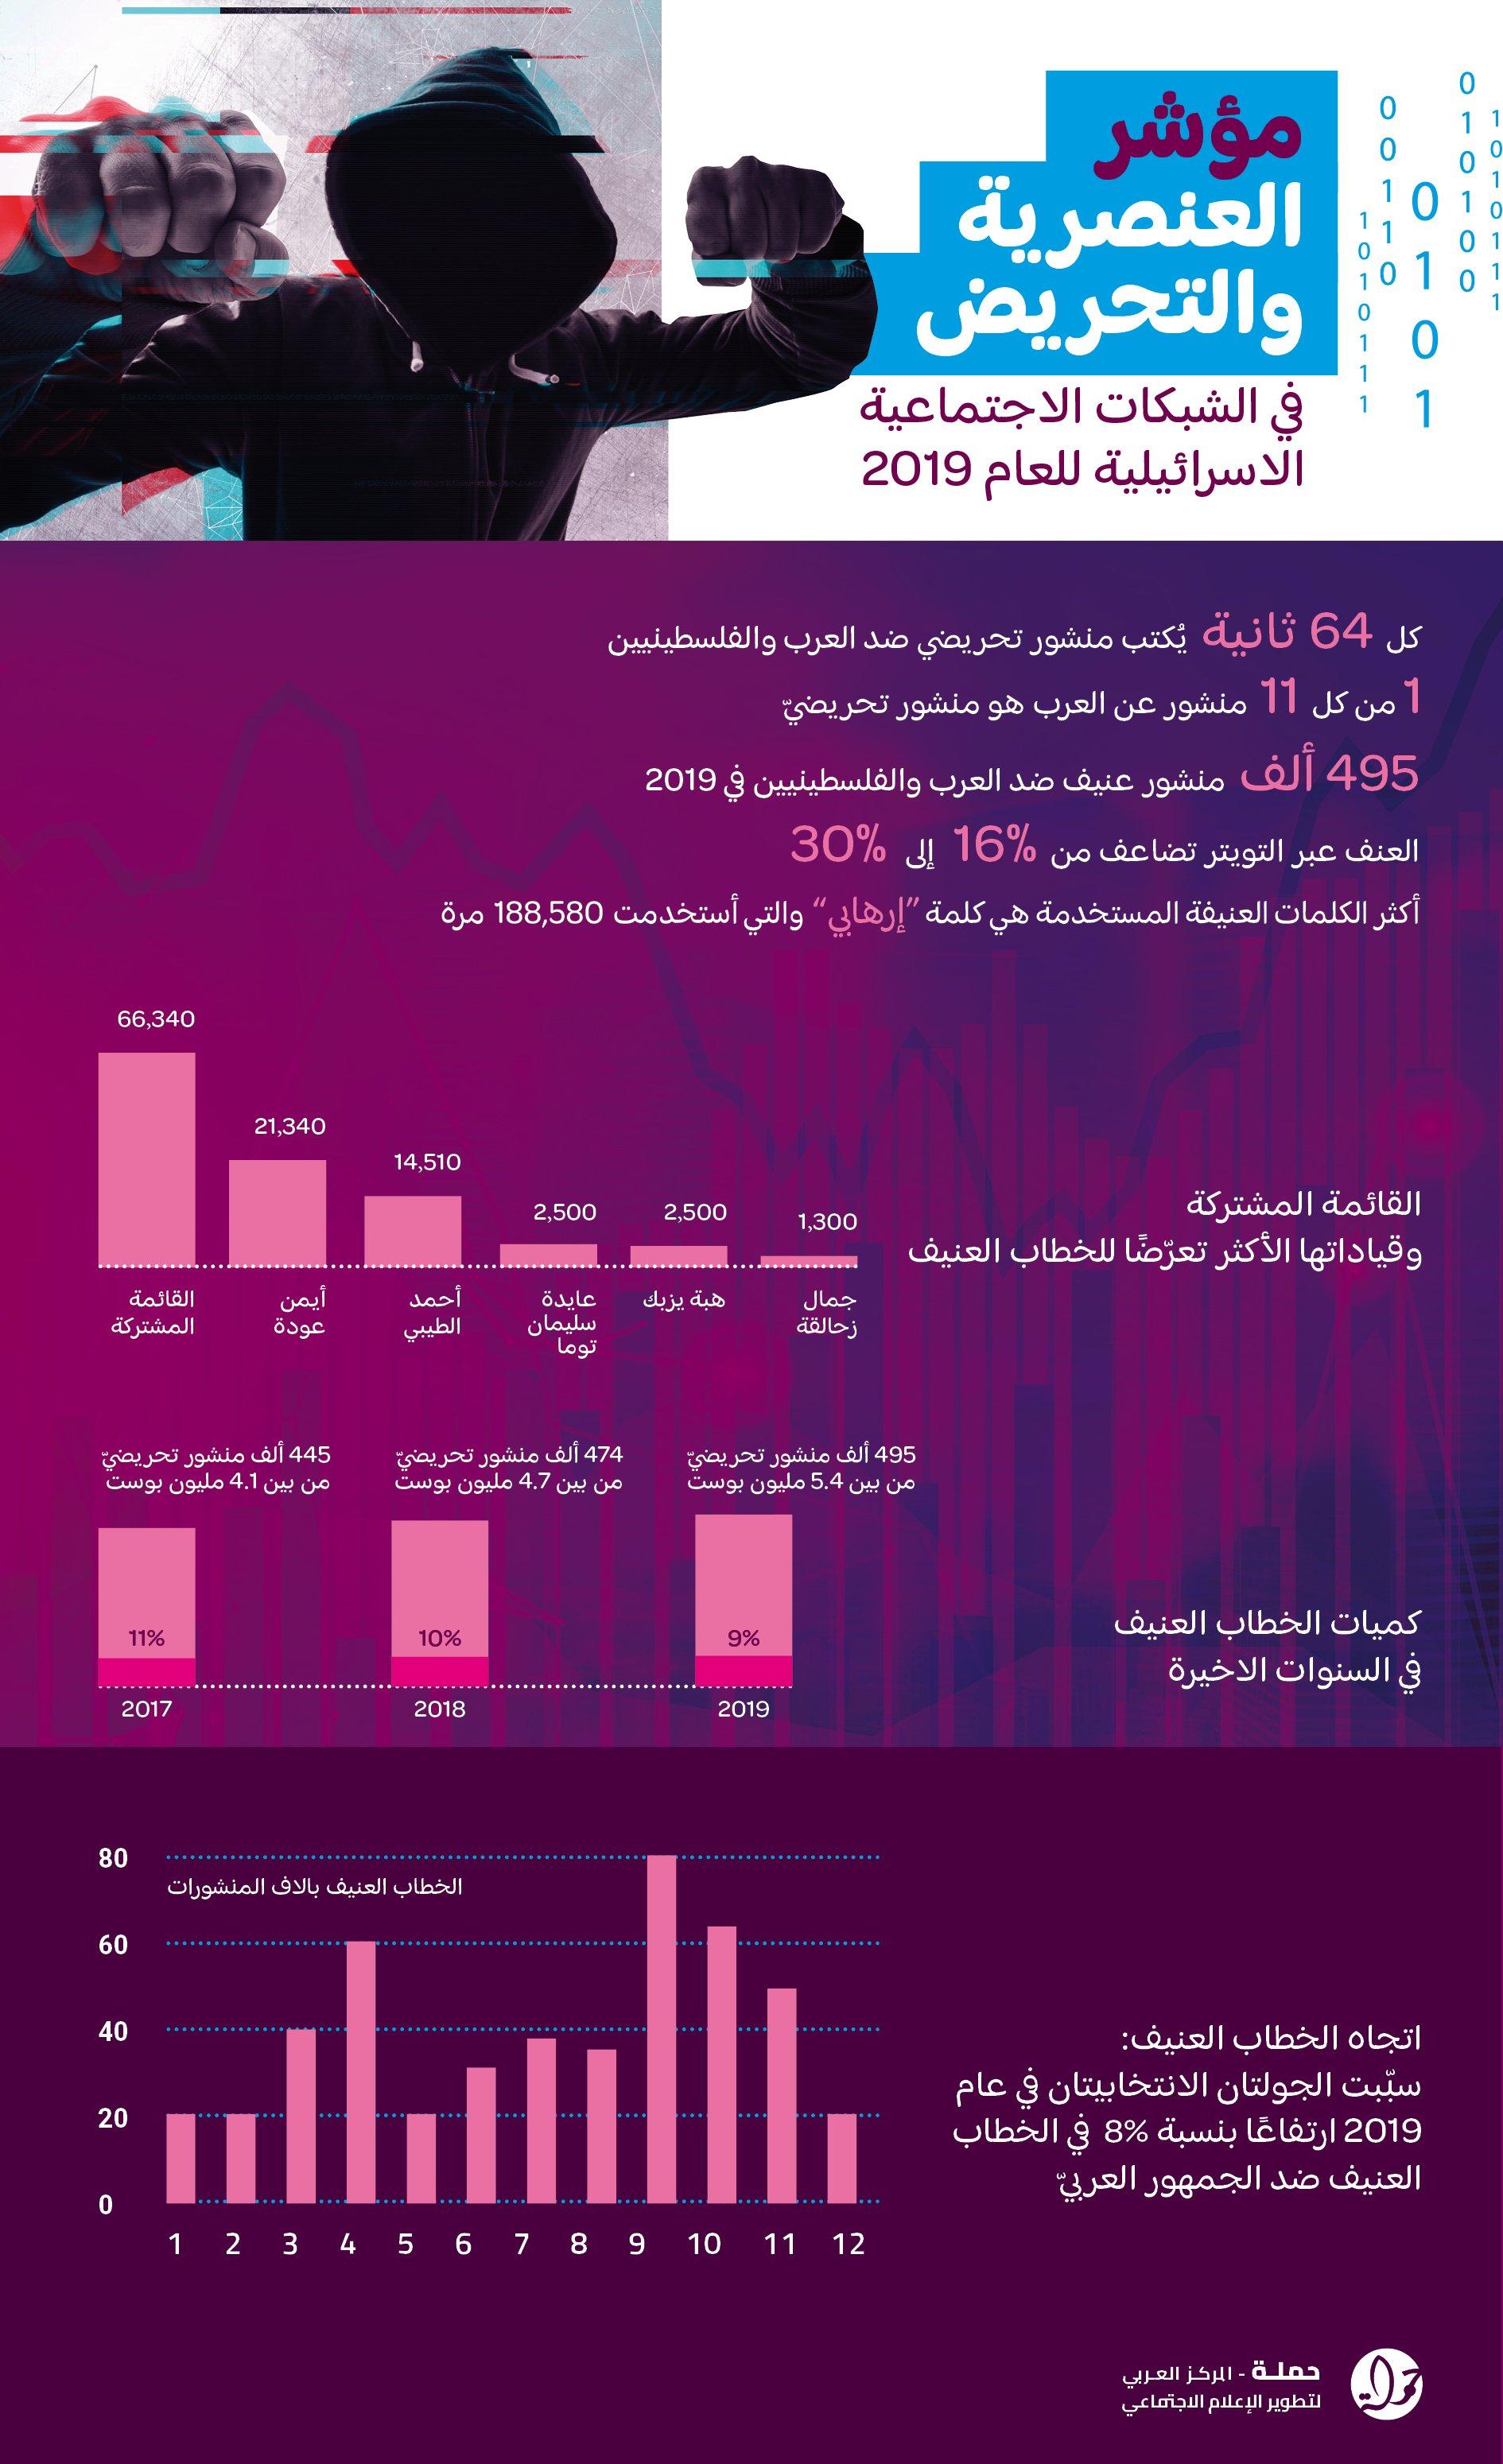 مؤشّر العنصريّة والتحريض 2019: الانتخابات كانت السبب الرئيسي بازدياد التحريض ضد العرب والفلسطينيين